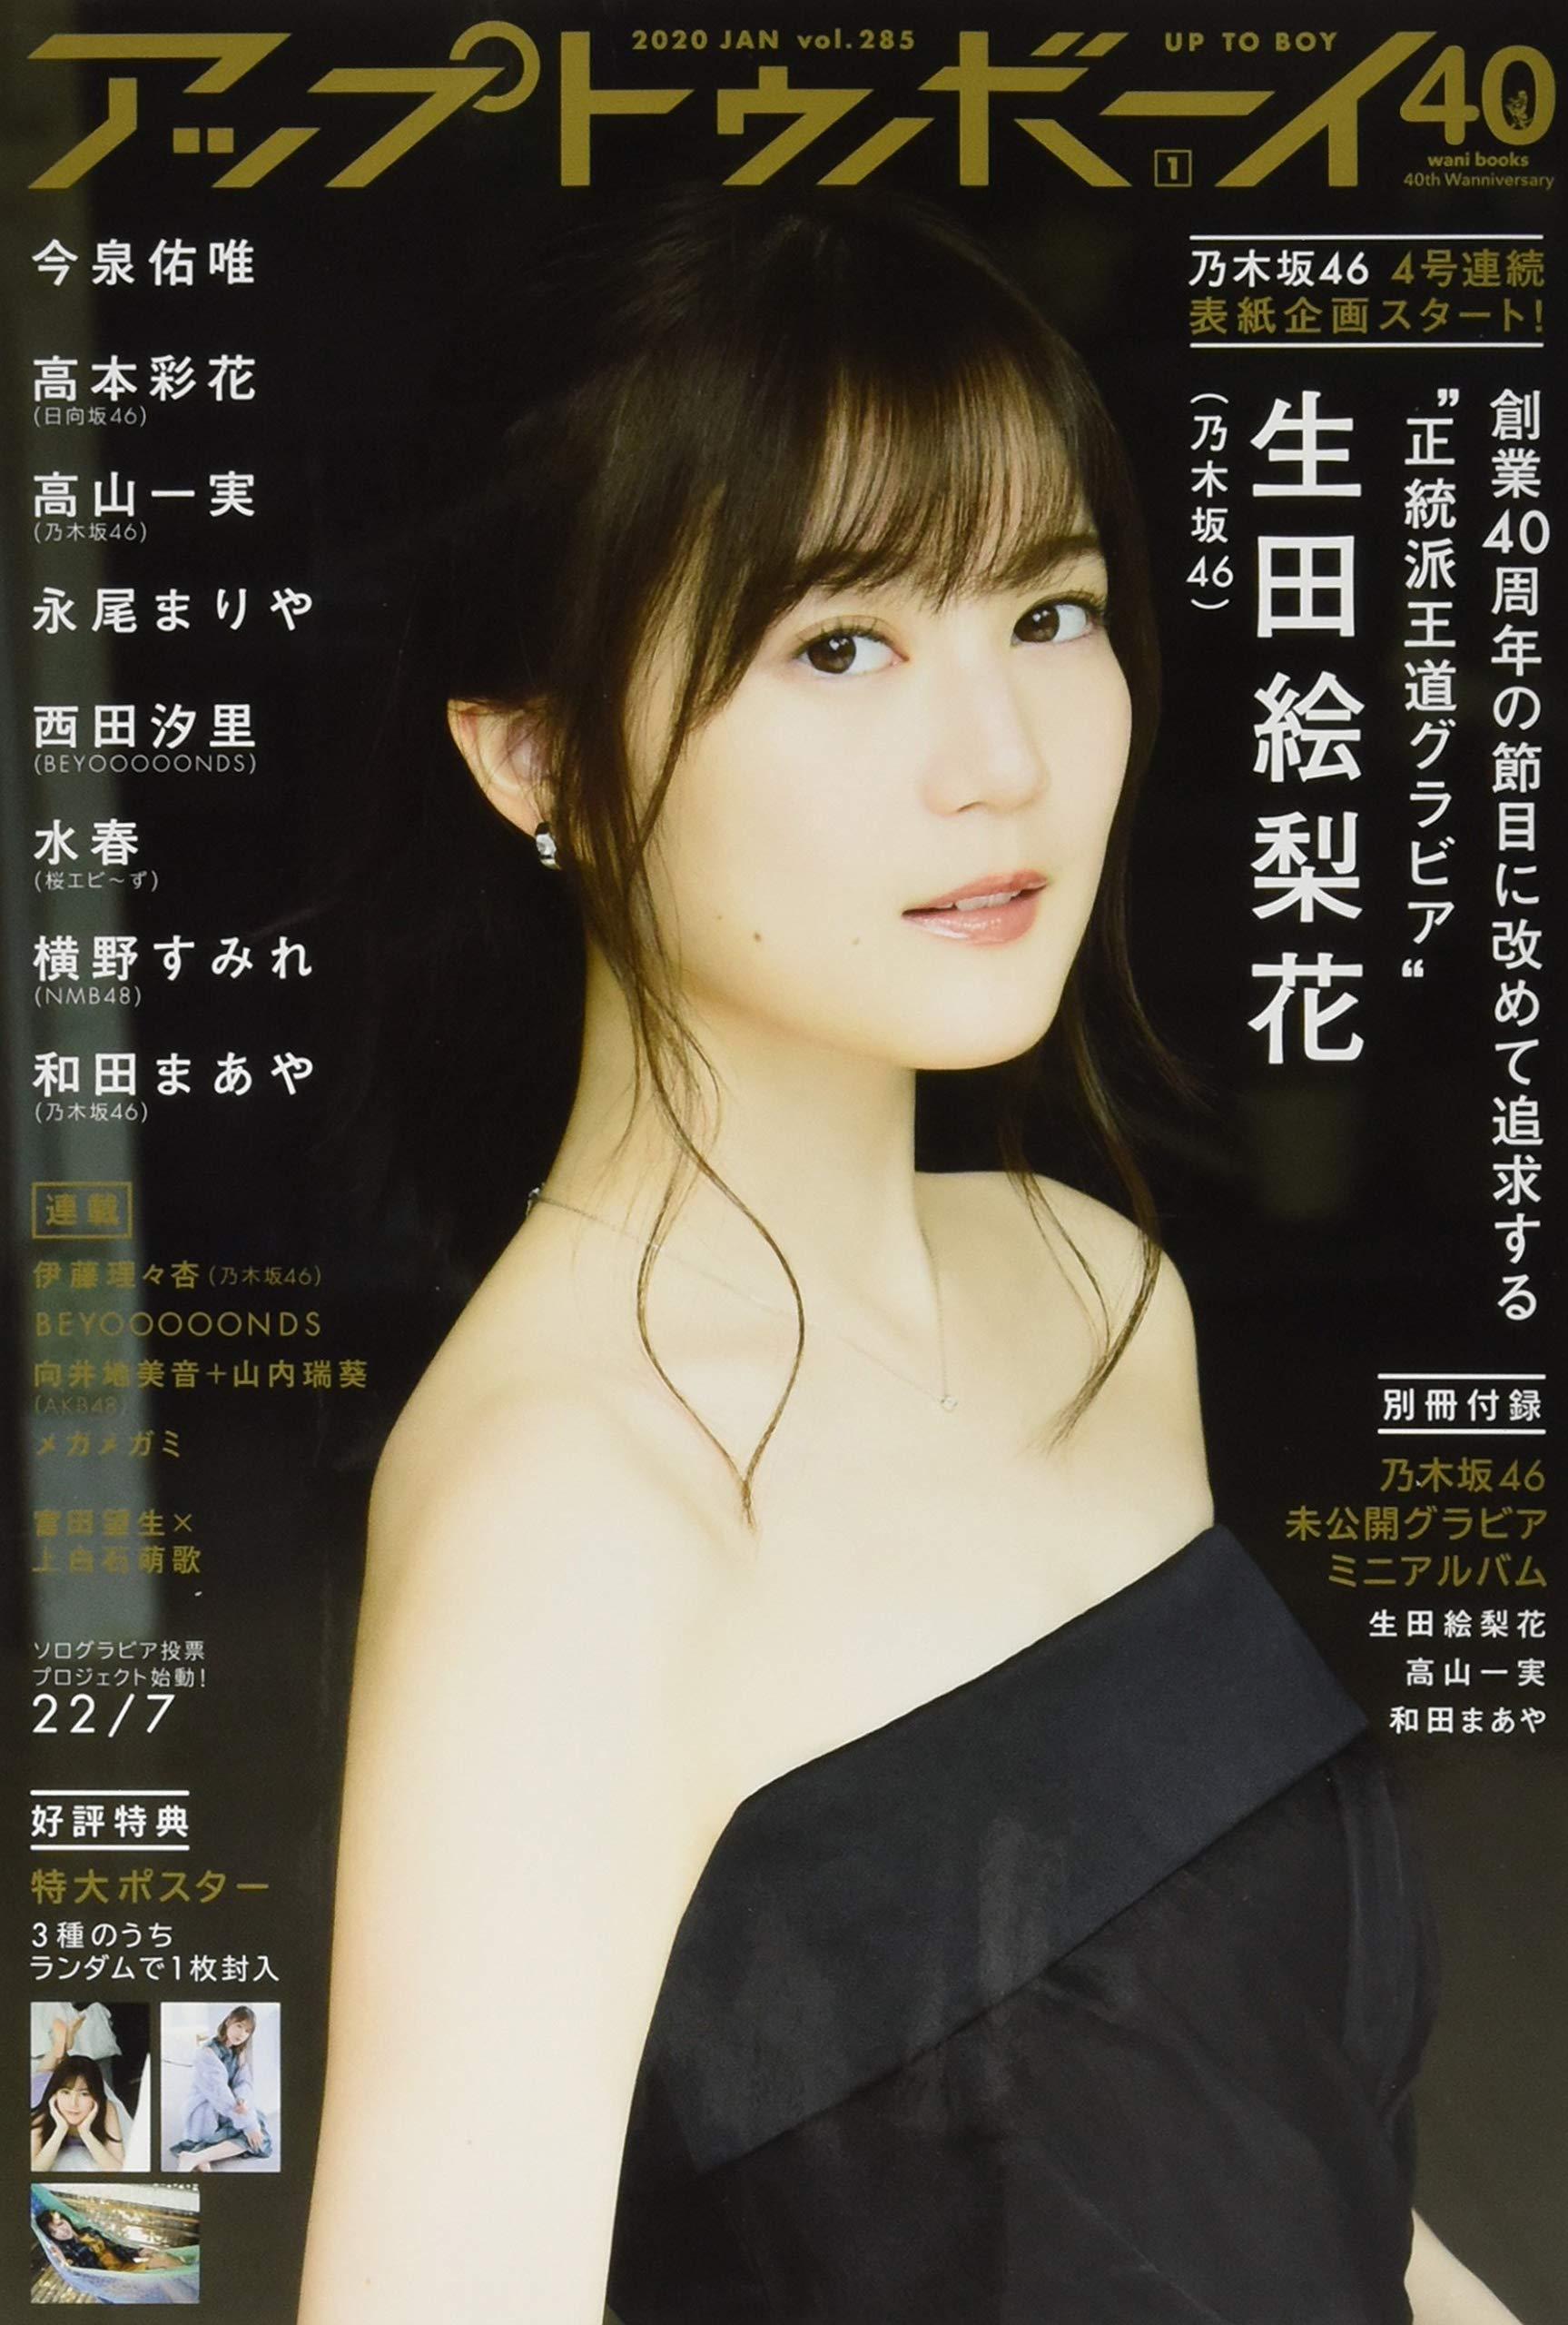 アップトゥボーイ 2020年01月号 乃木坂46 生田絵梨花